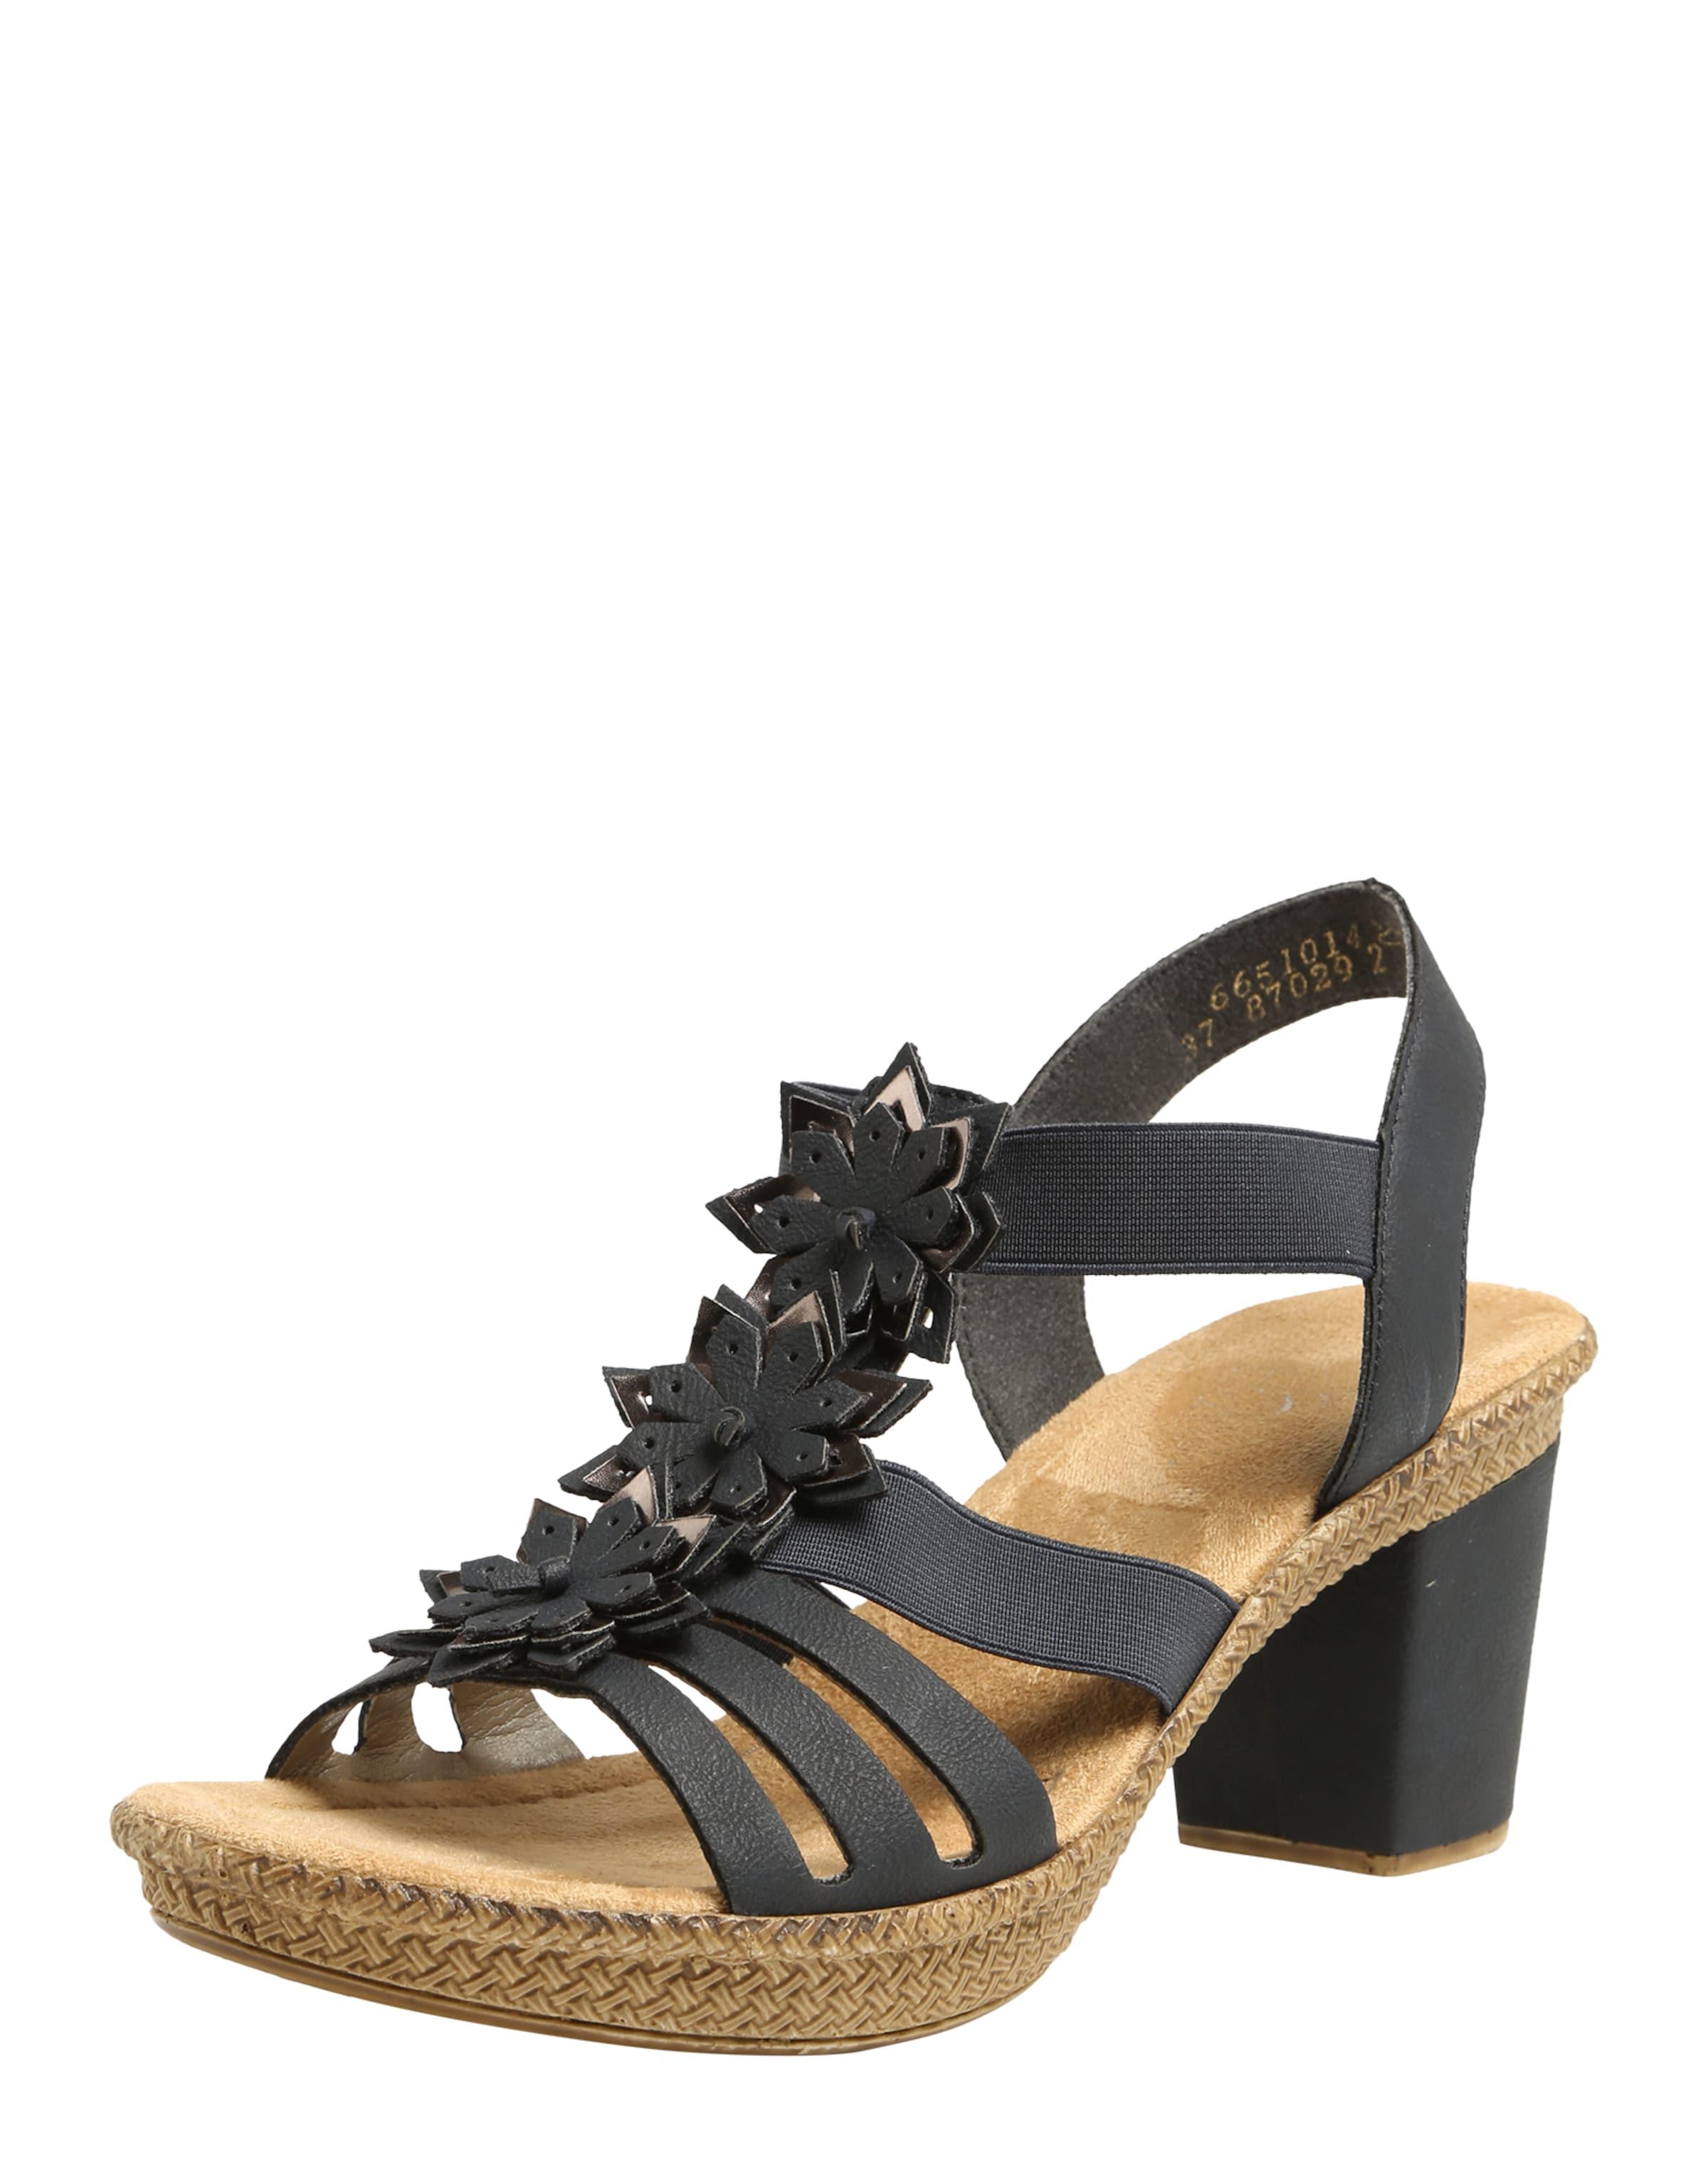 RIEKER Sandaletten Verschleißfeste billige Schuhe Hohe Qualität